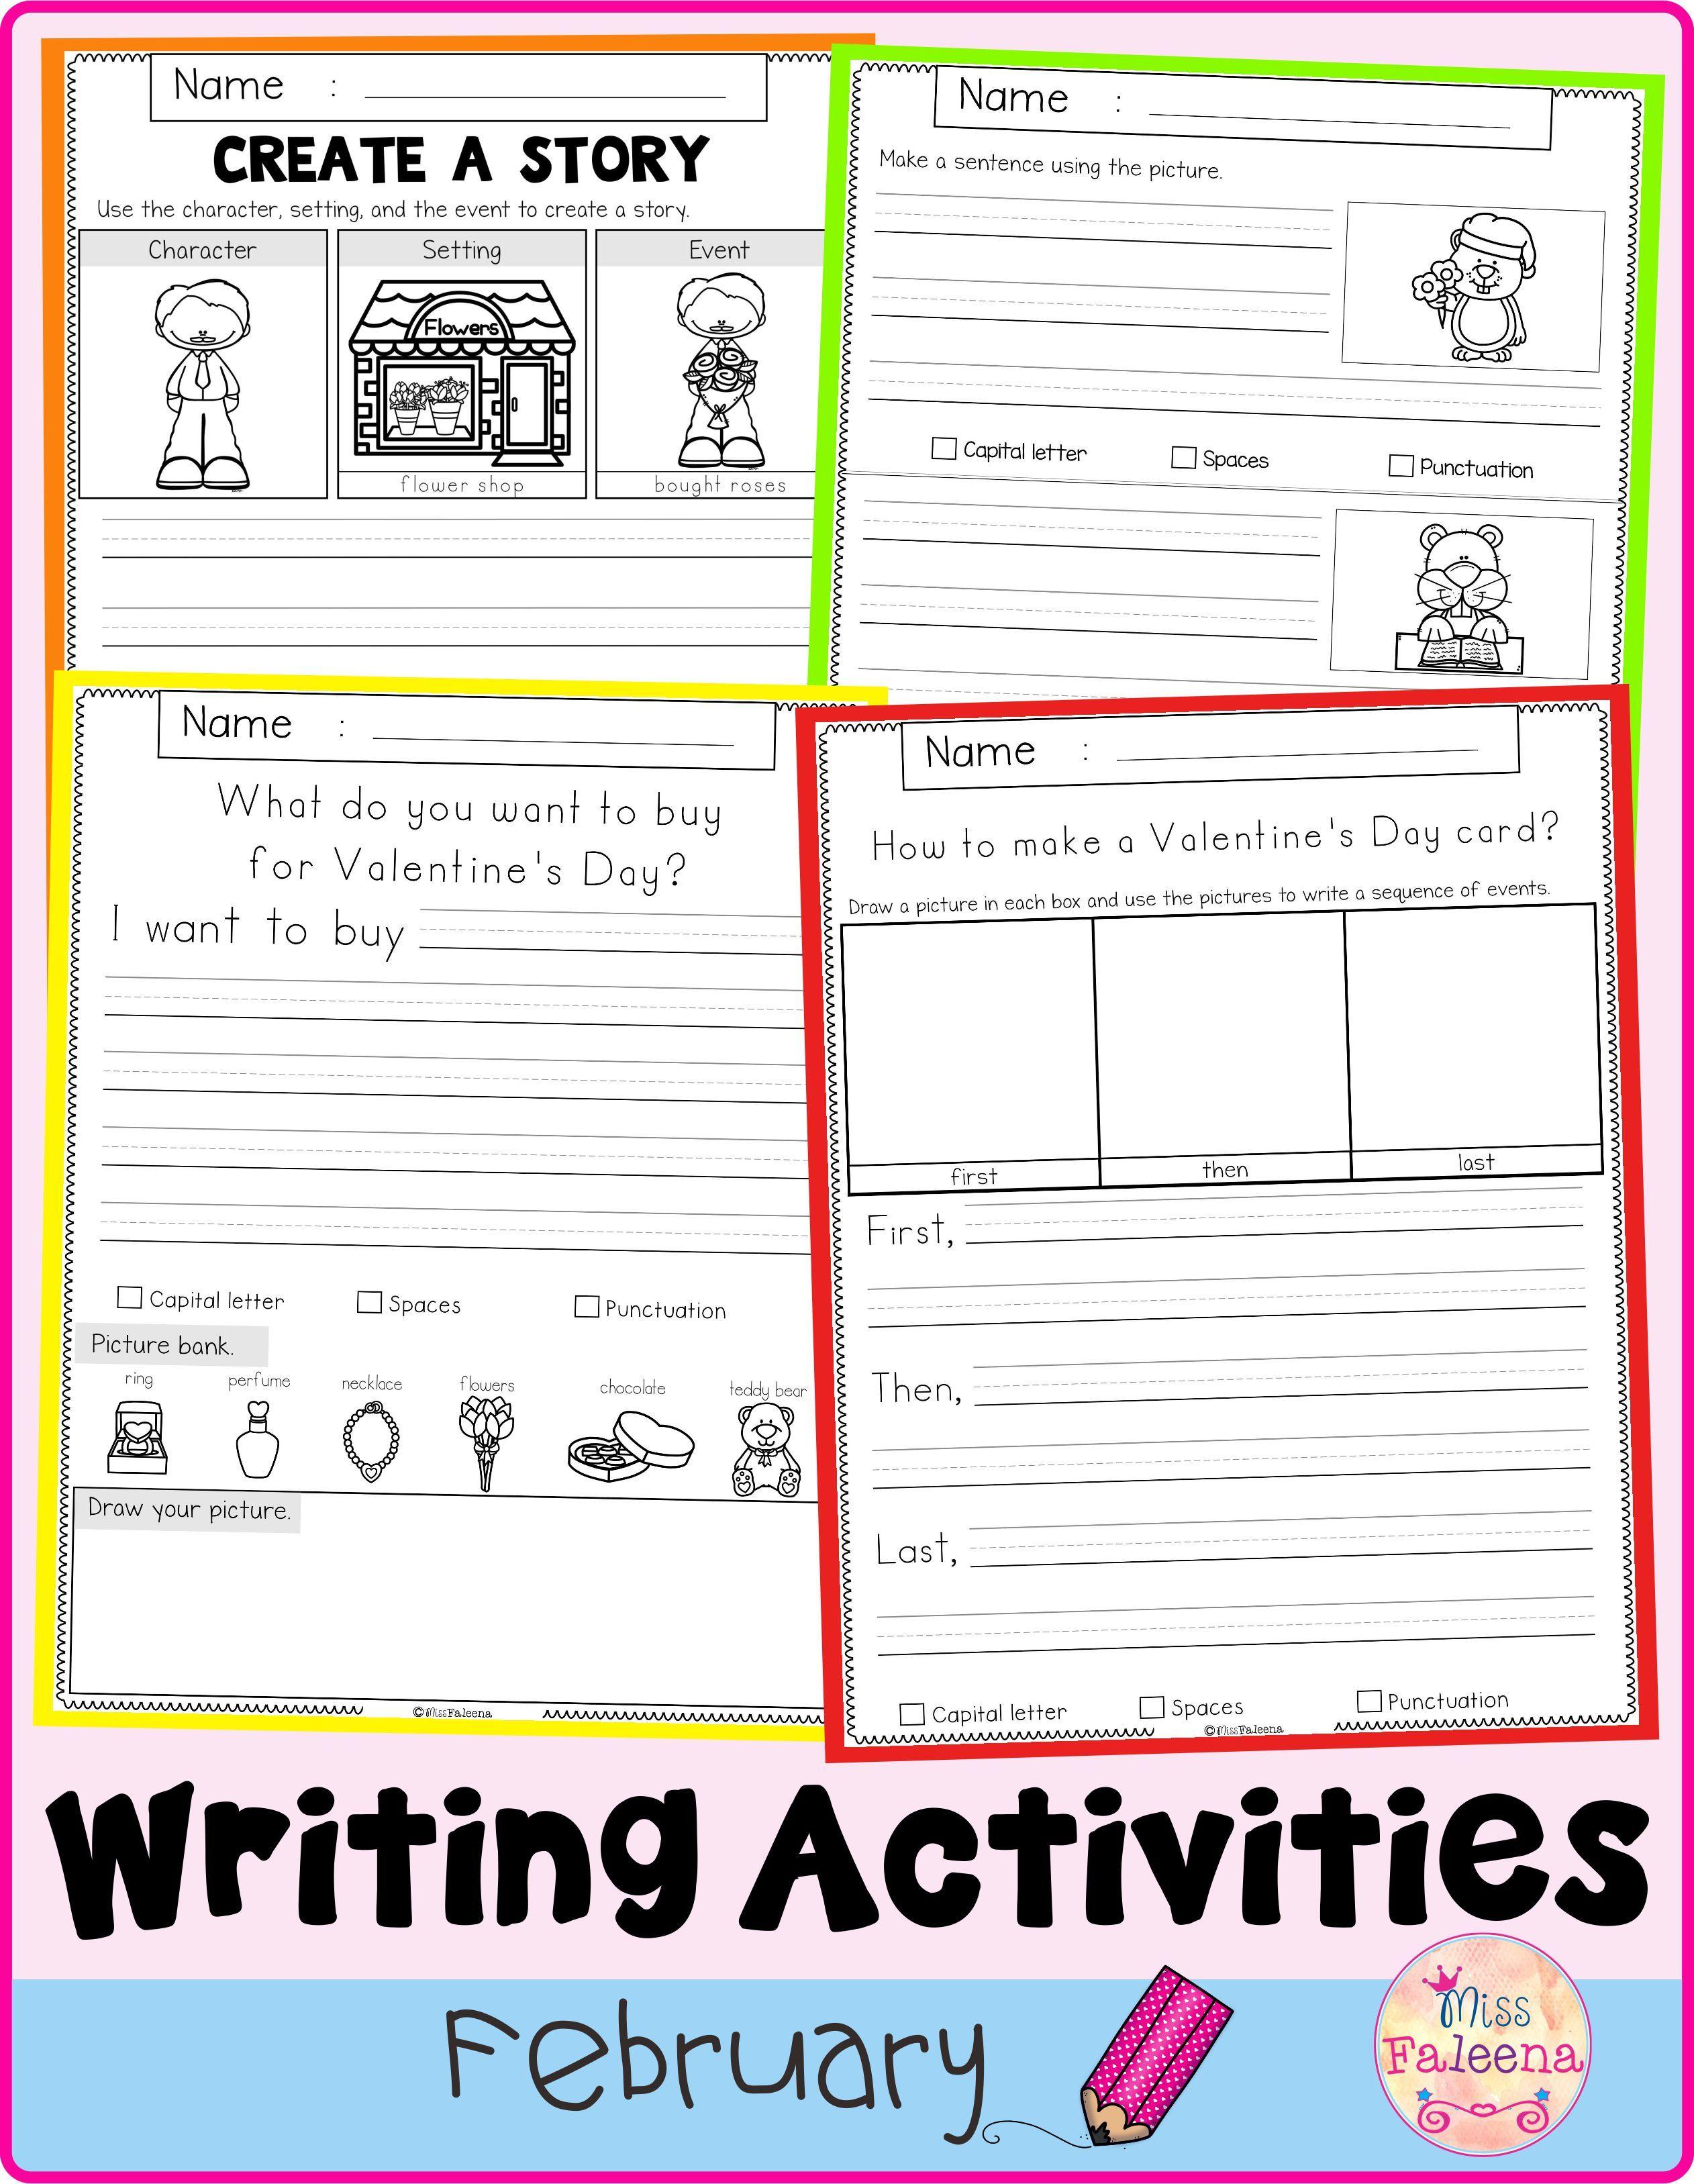 February Writing Activities